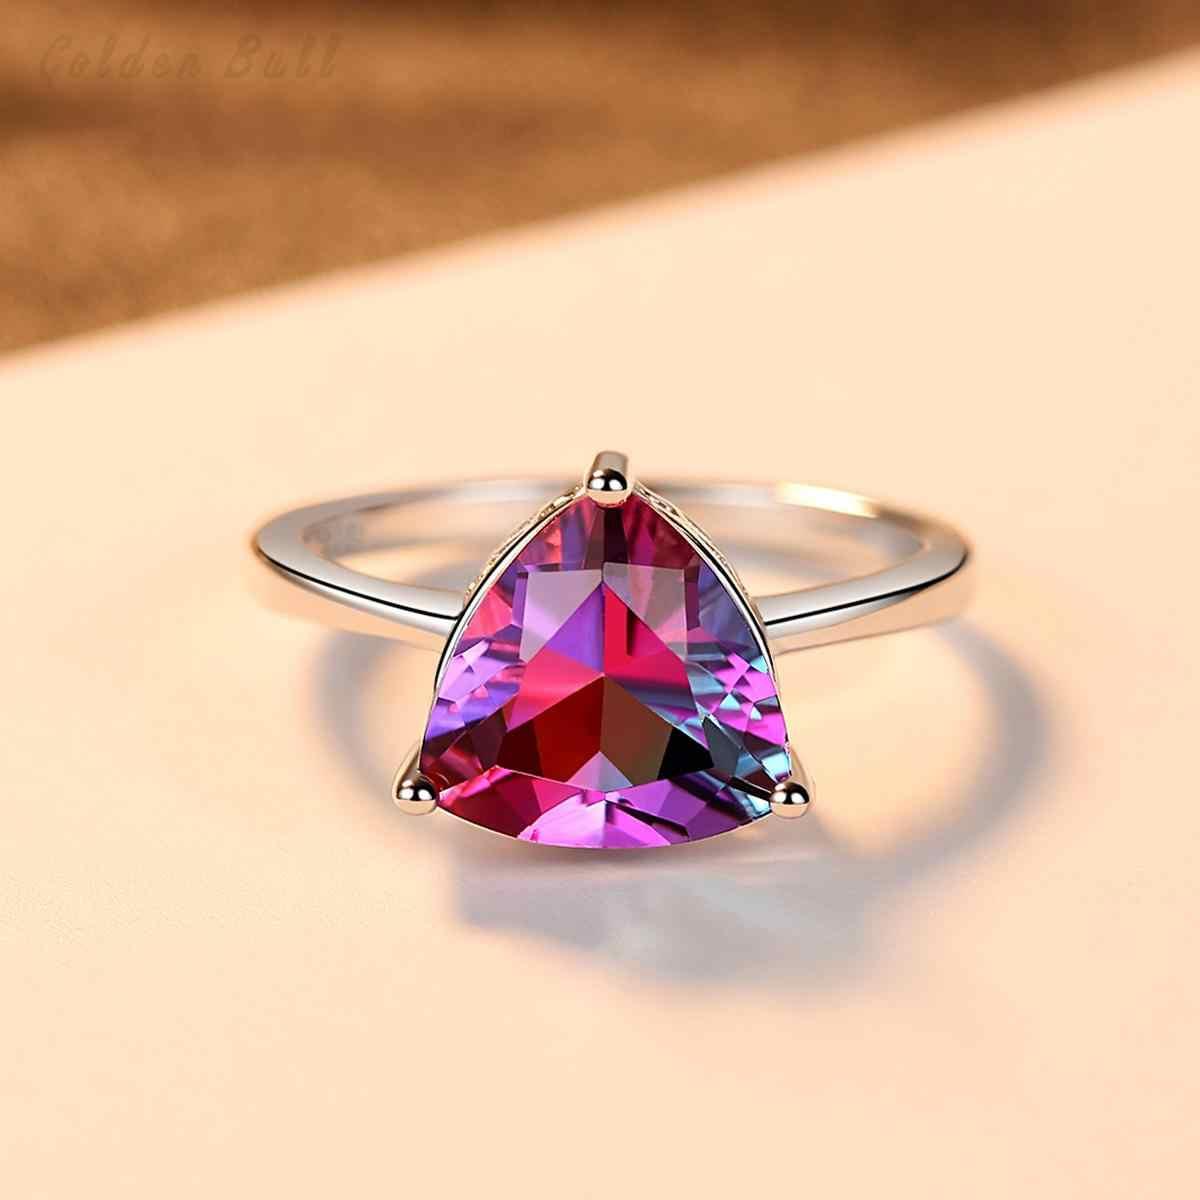 สีโอปอล 925 เงินสเตอร์ลิงภูเขาไฟแหวนหรูหราธรรมชาติสายรุ้งหินเครื่องประดับอัญมณีแหวนเงิน